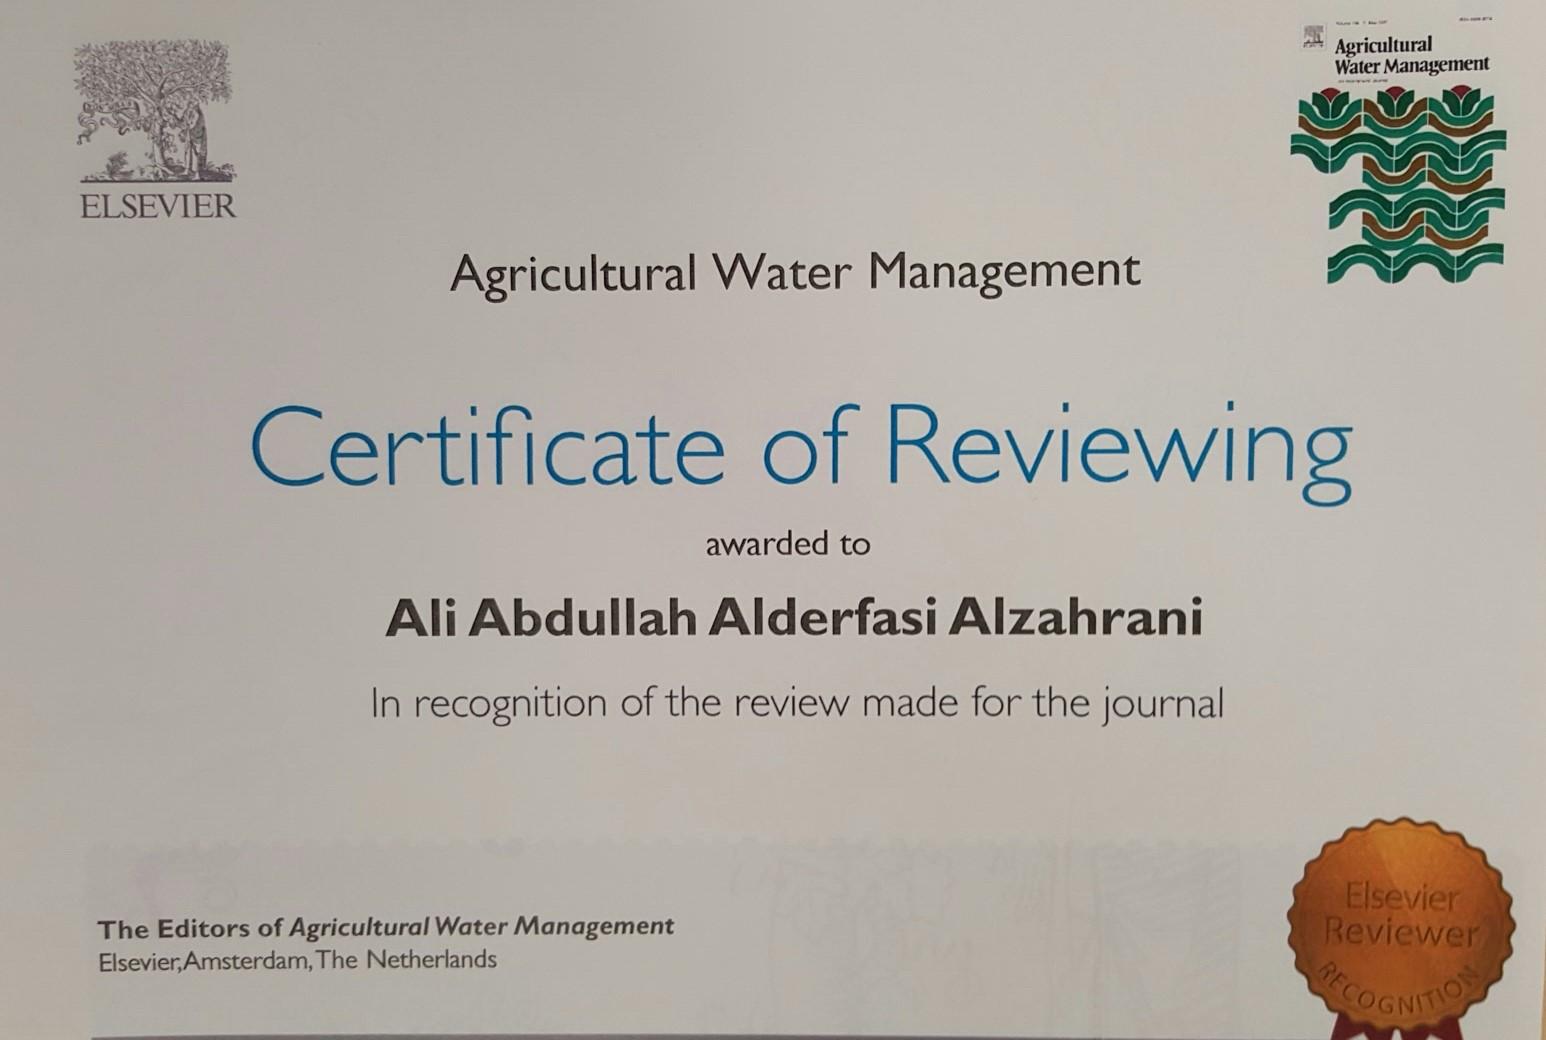 89- شهادة تقديرية للأستاذ الدكتور/ الدرفاسي- كلية علوم الأغذية والزراعة – من مجلة علمية دولية (ISI)